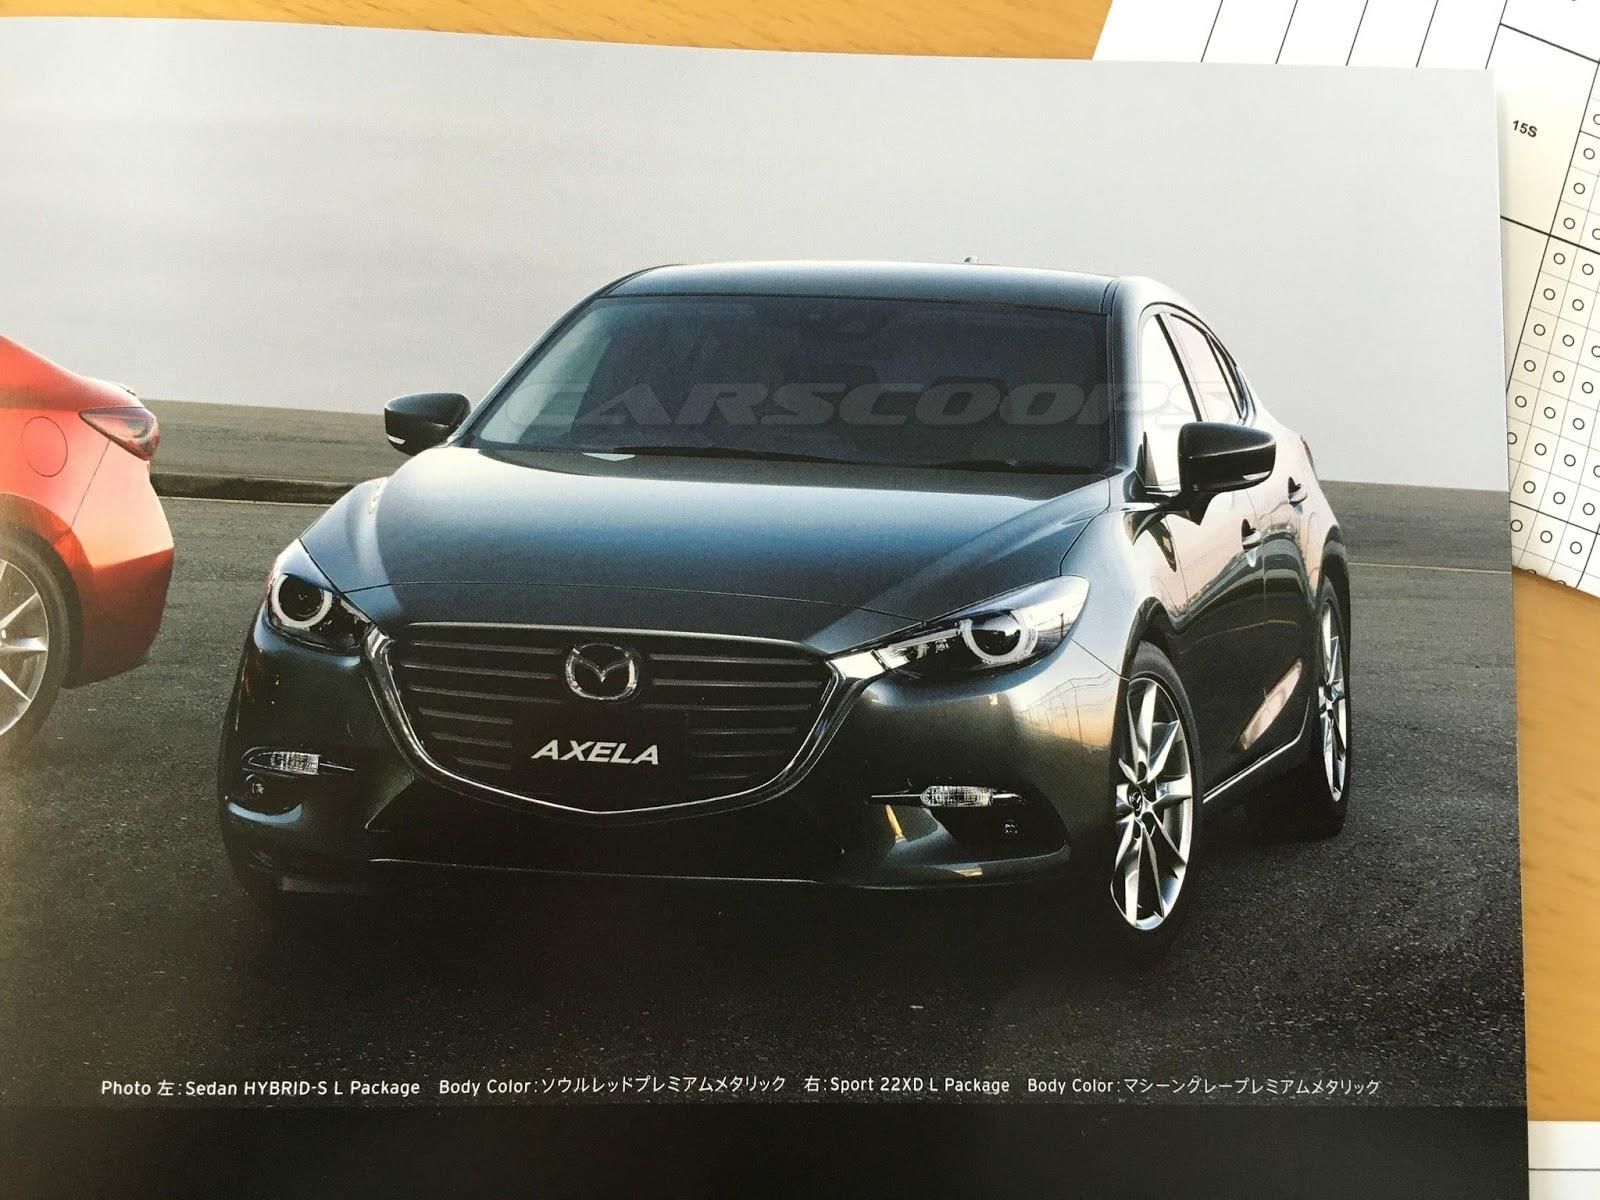 Mazda3 Axela фото обновленной модели